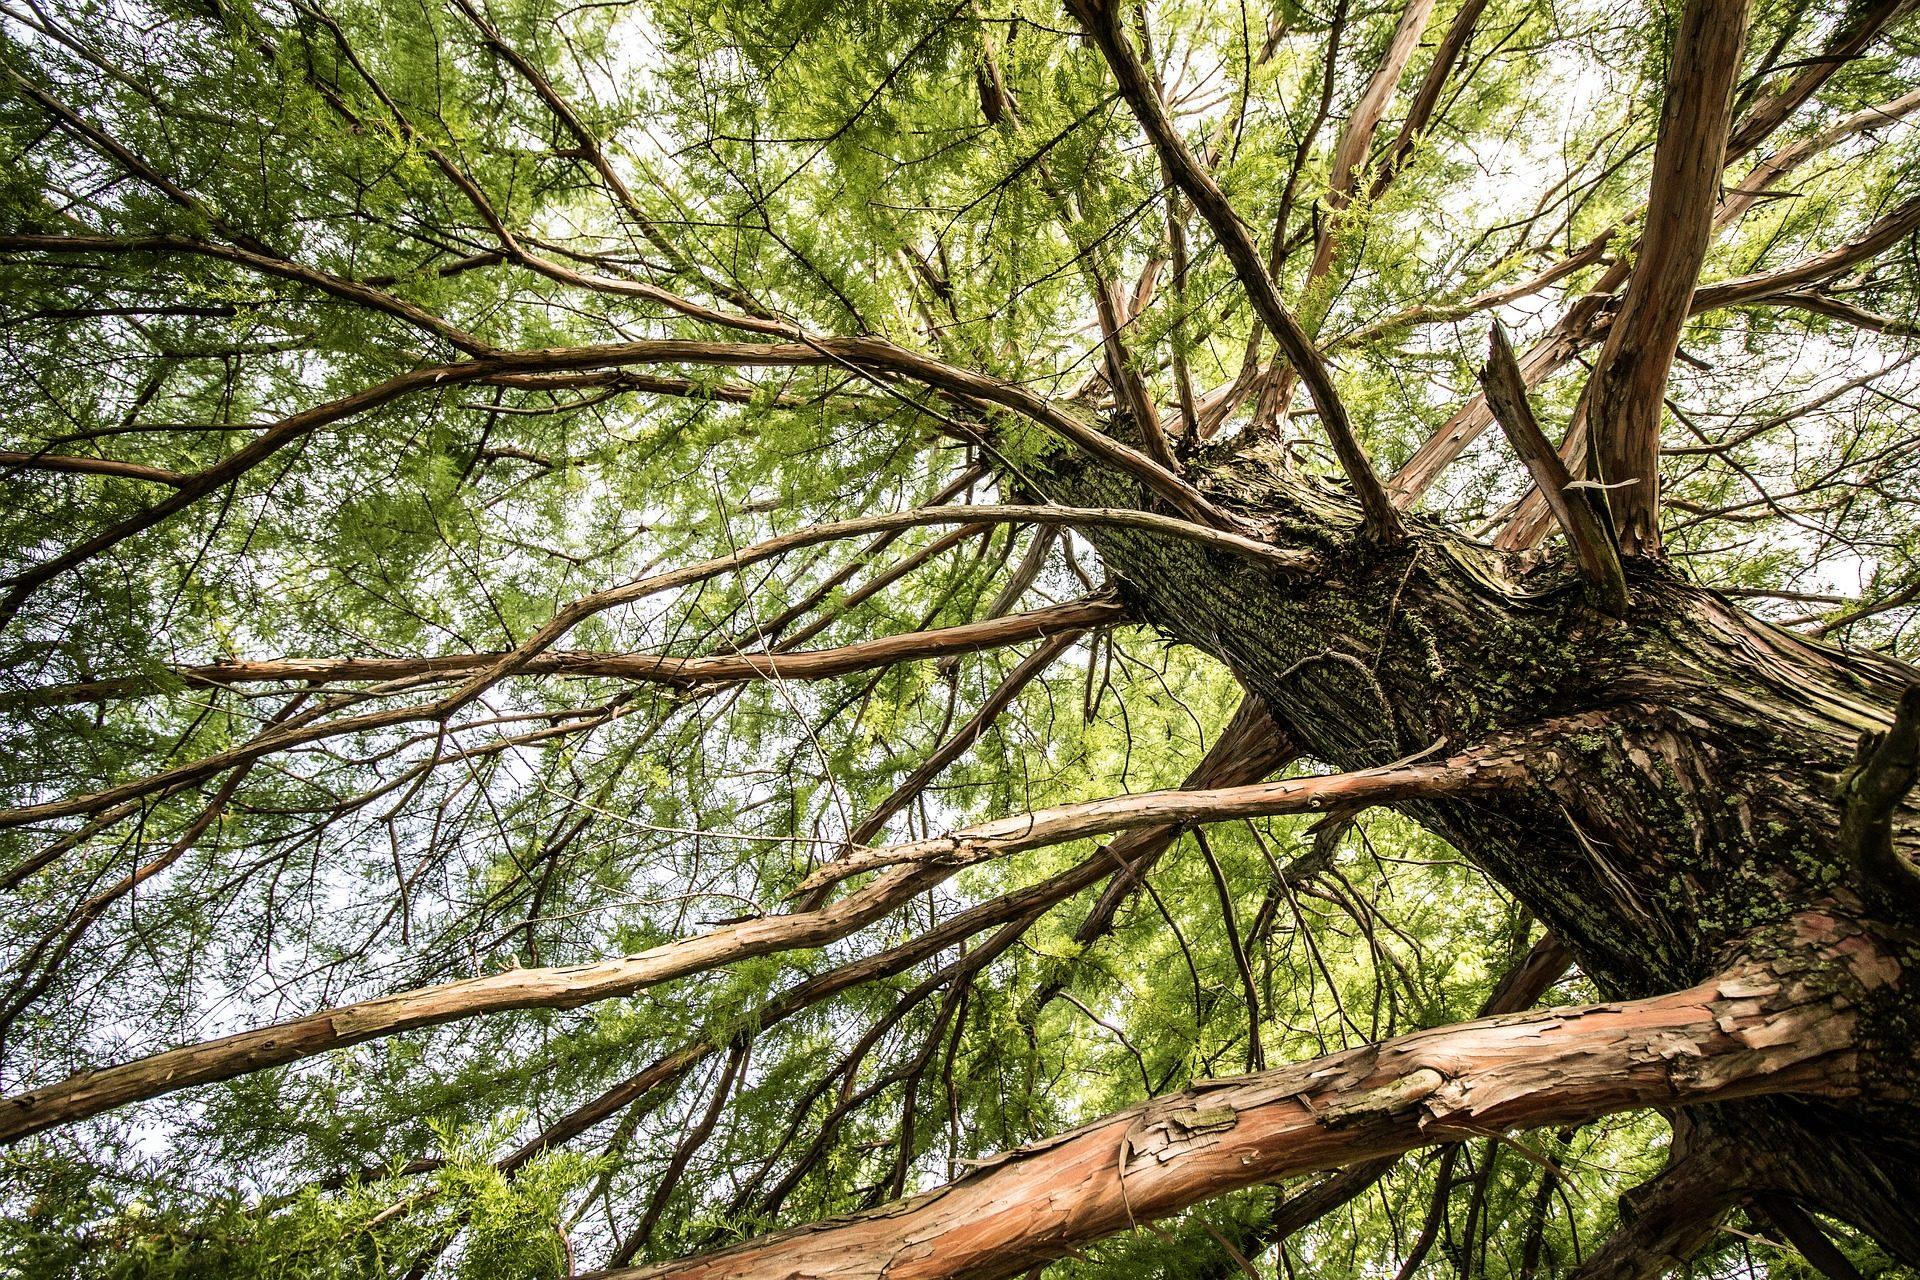 árvore, Ramos, Pinheiro, porta-malas, Conífera - Papéis de parede HD - Professor-falken.com